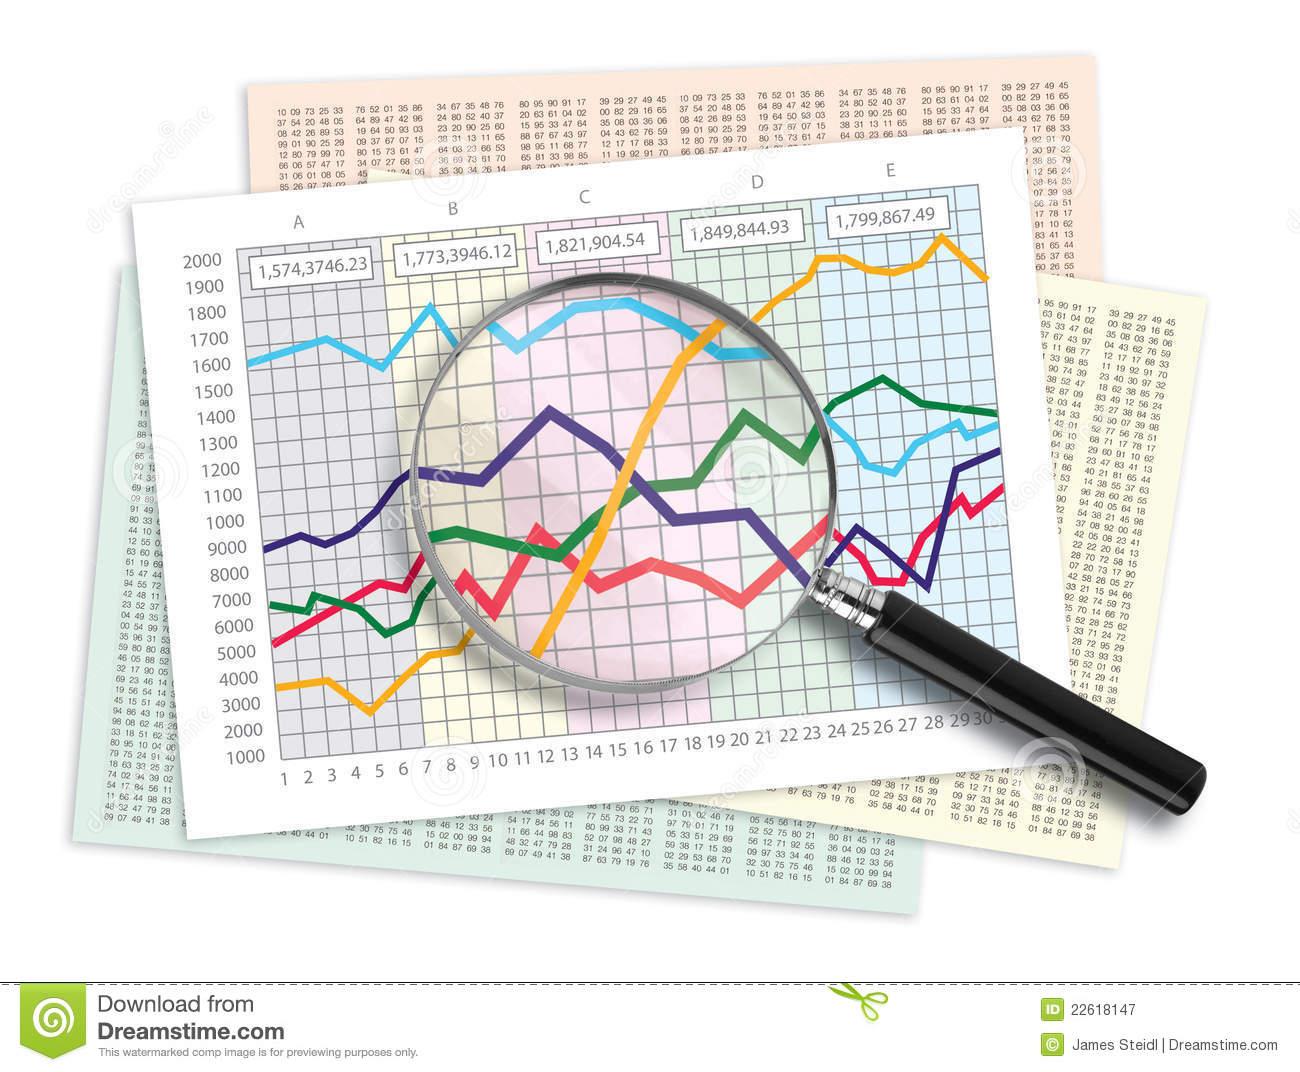 Intermediate Data Analysis 3/4